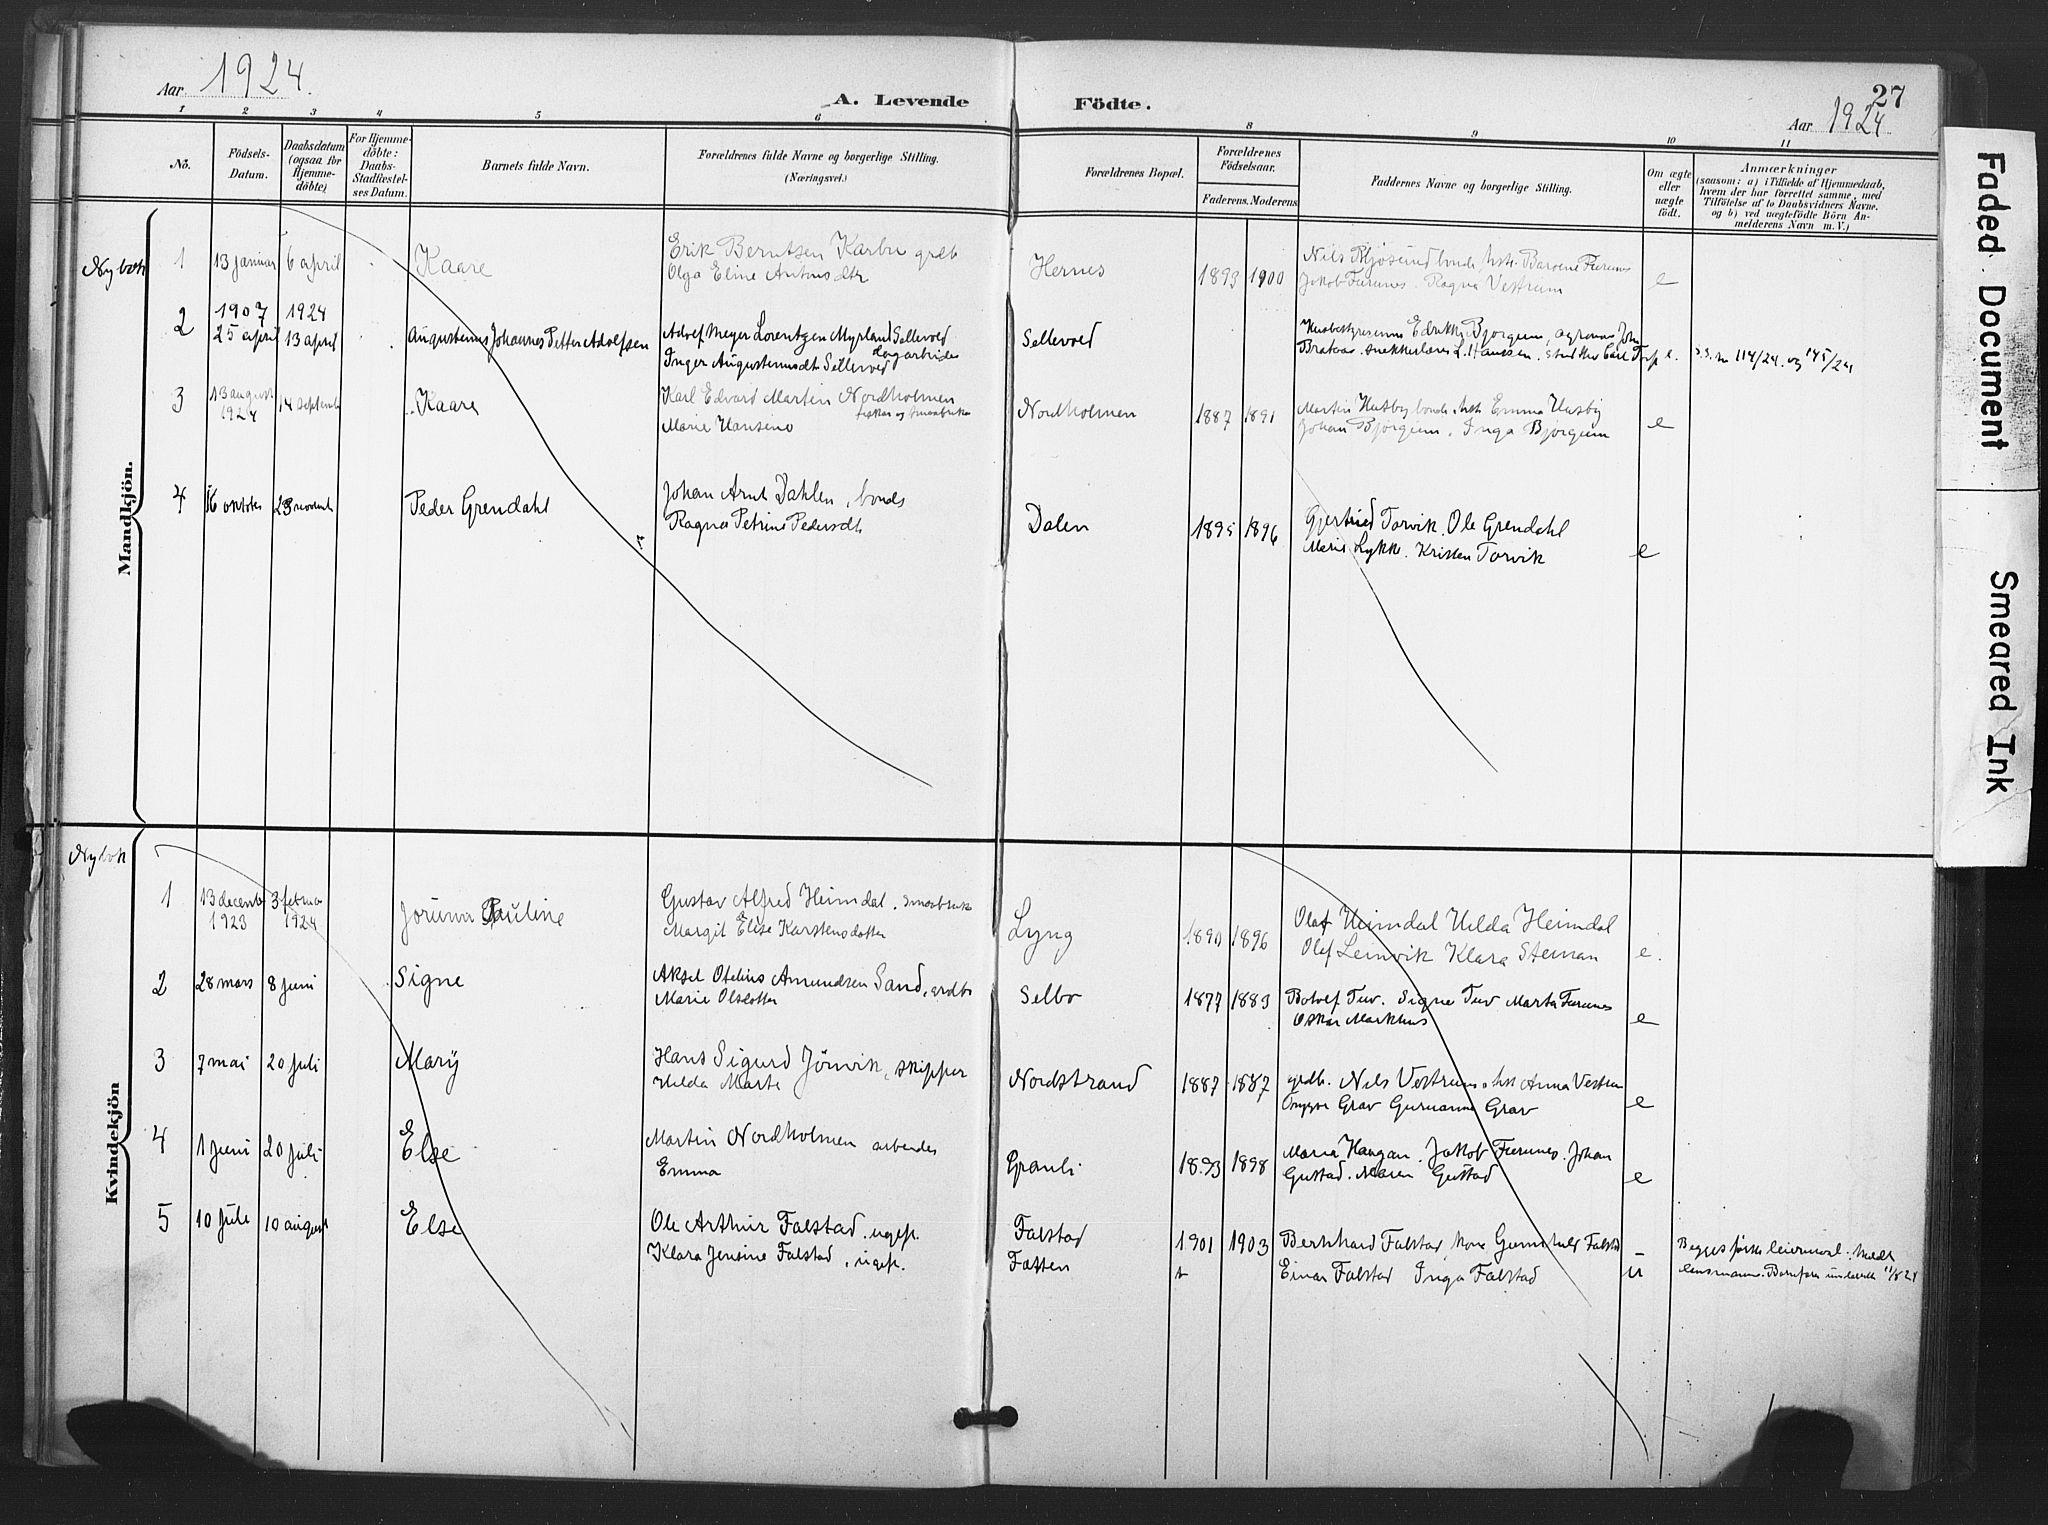 SAT, Ministerialprotokoller, klokkerbøker og fødselsregistre - Nord-Trøndelag, 719/L0179: Ministerialbok nr. 719A02, 1901-1923, s. 27